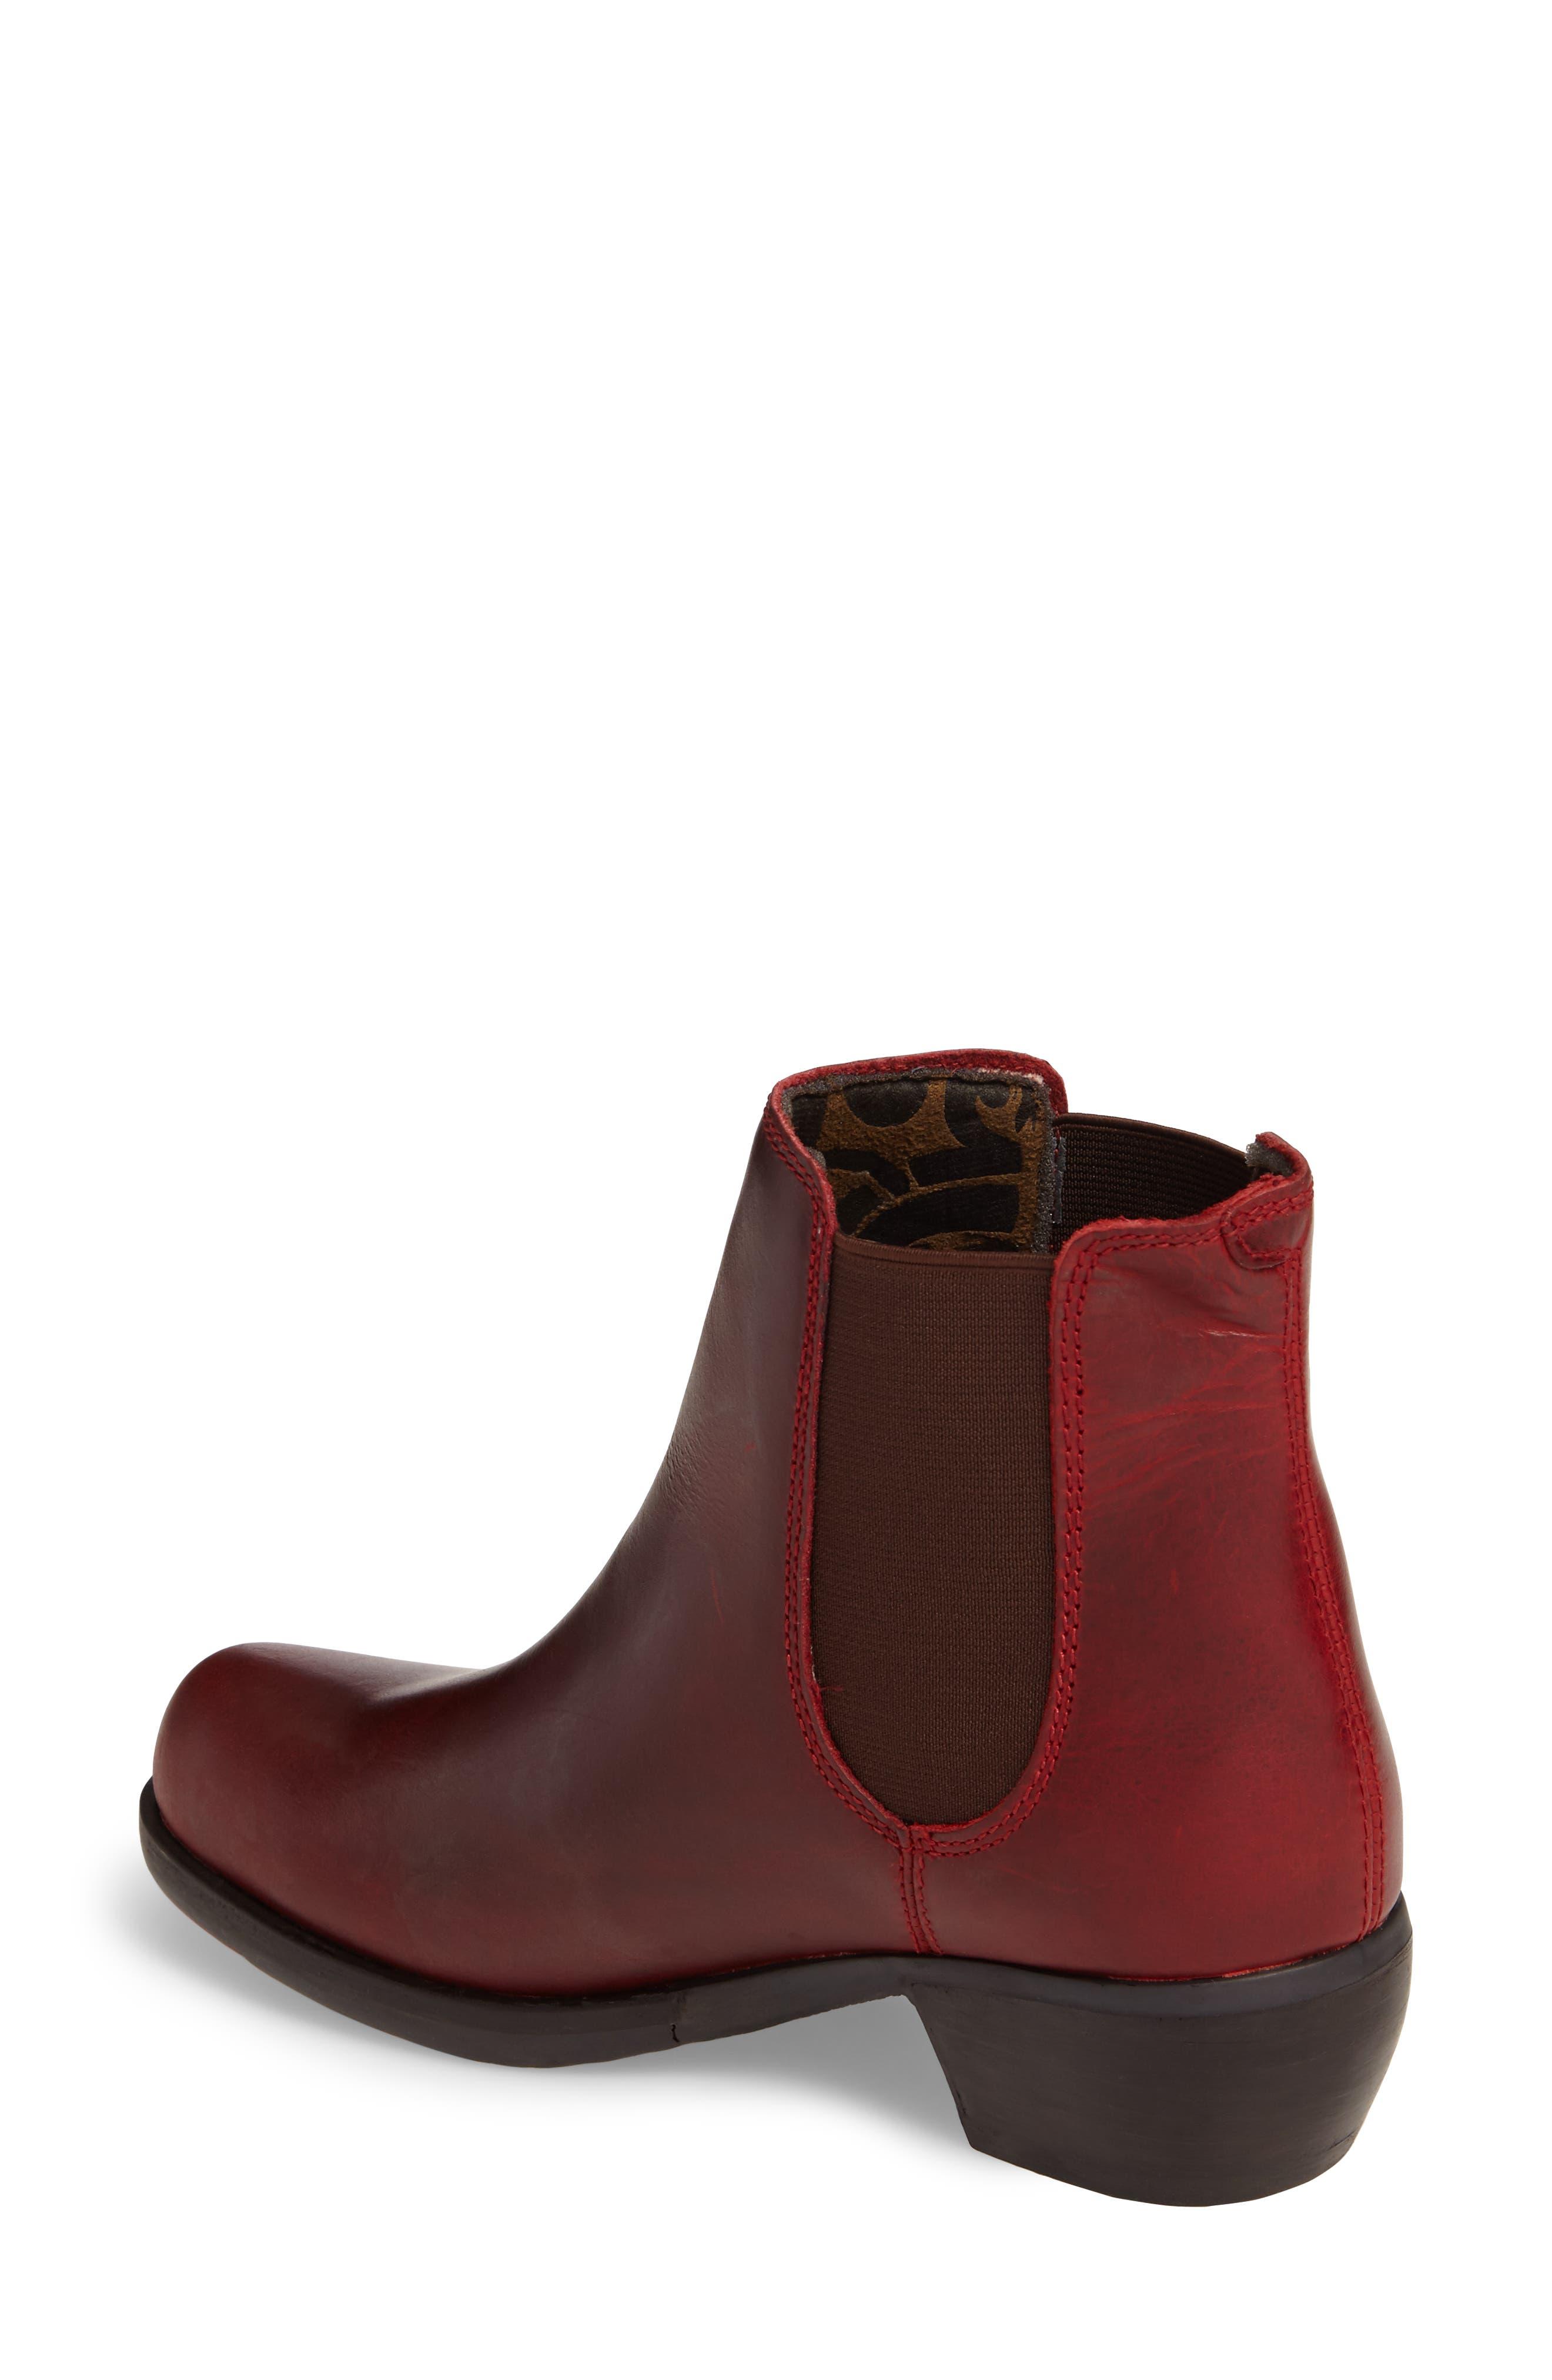 Alternate Image 2  - Fly London 'Make' Chelsea Boot (Women)